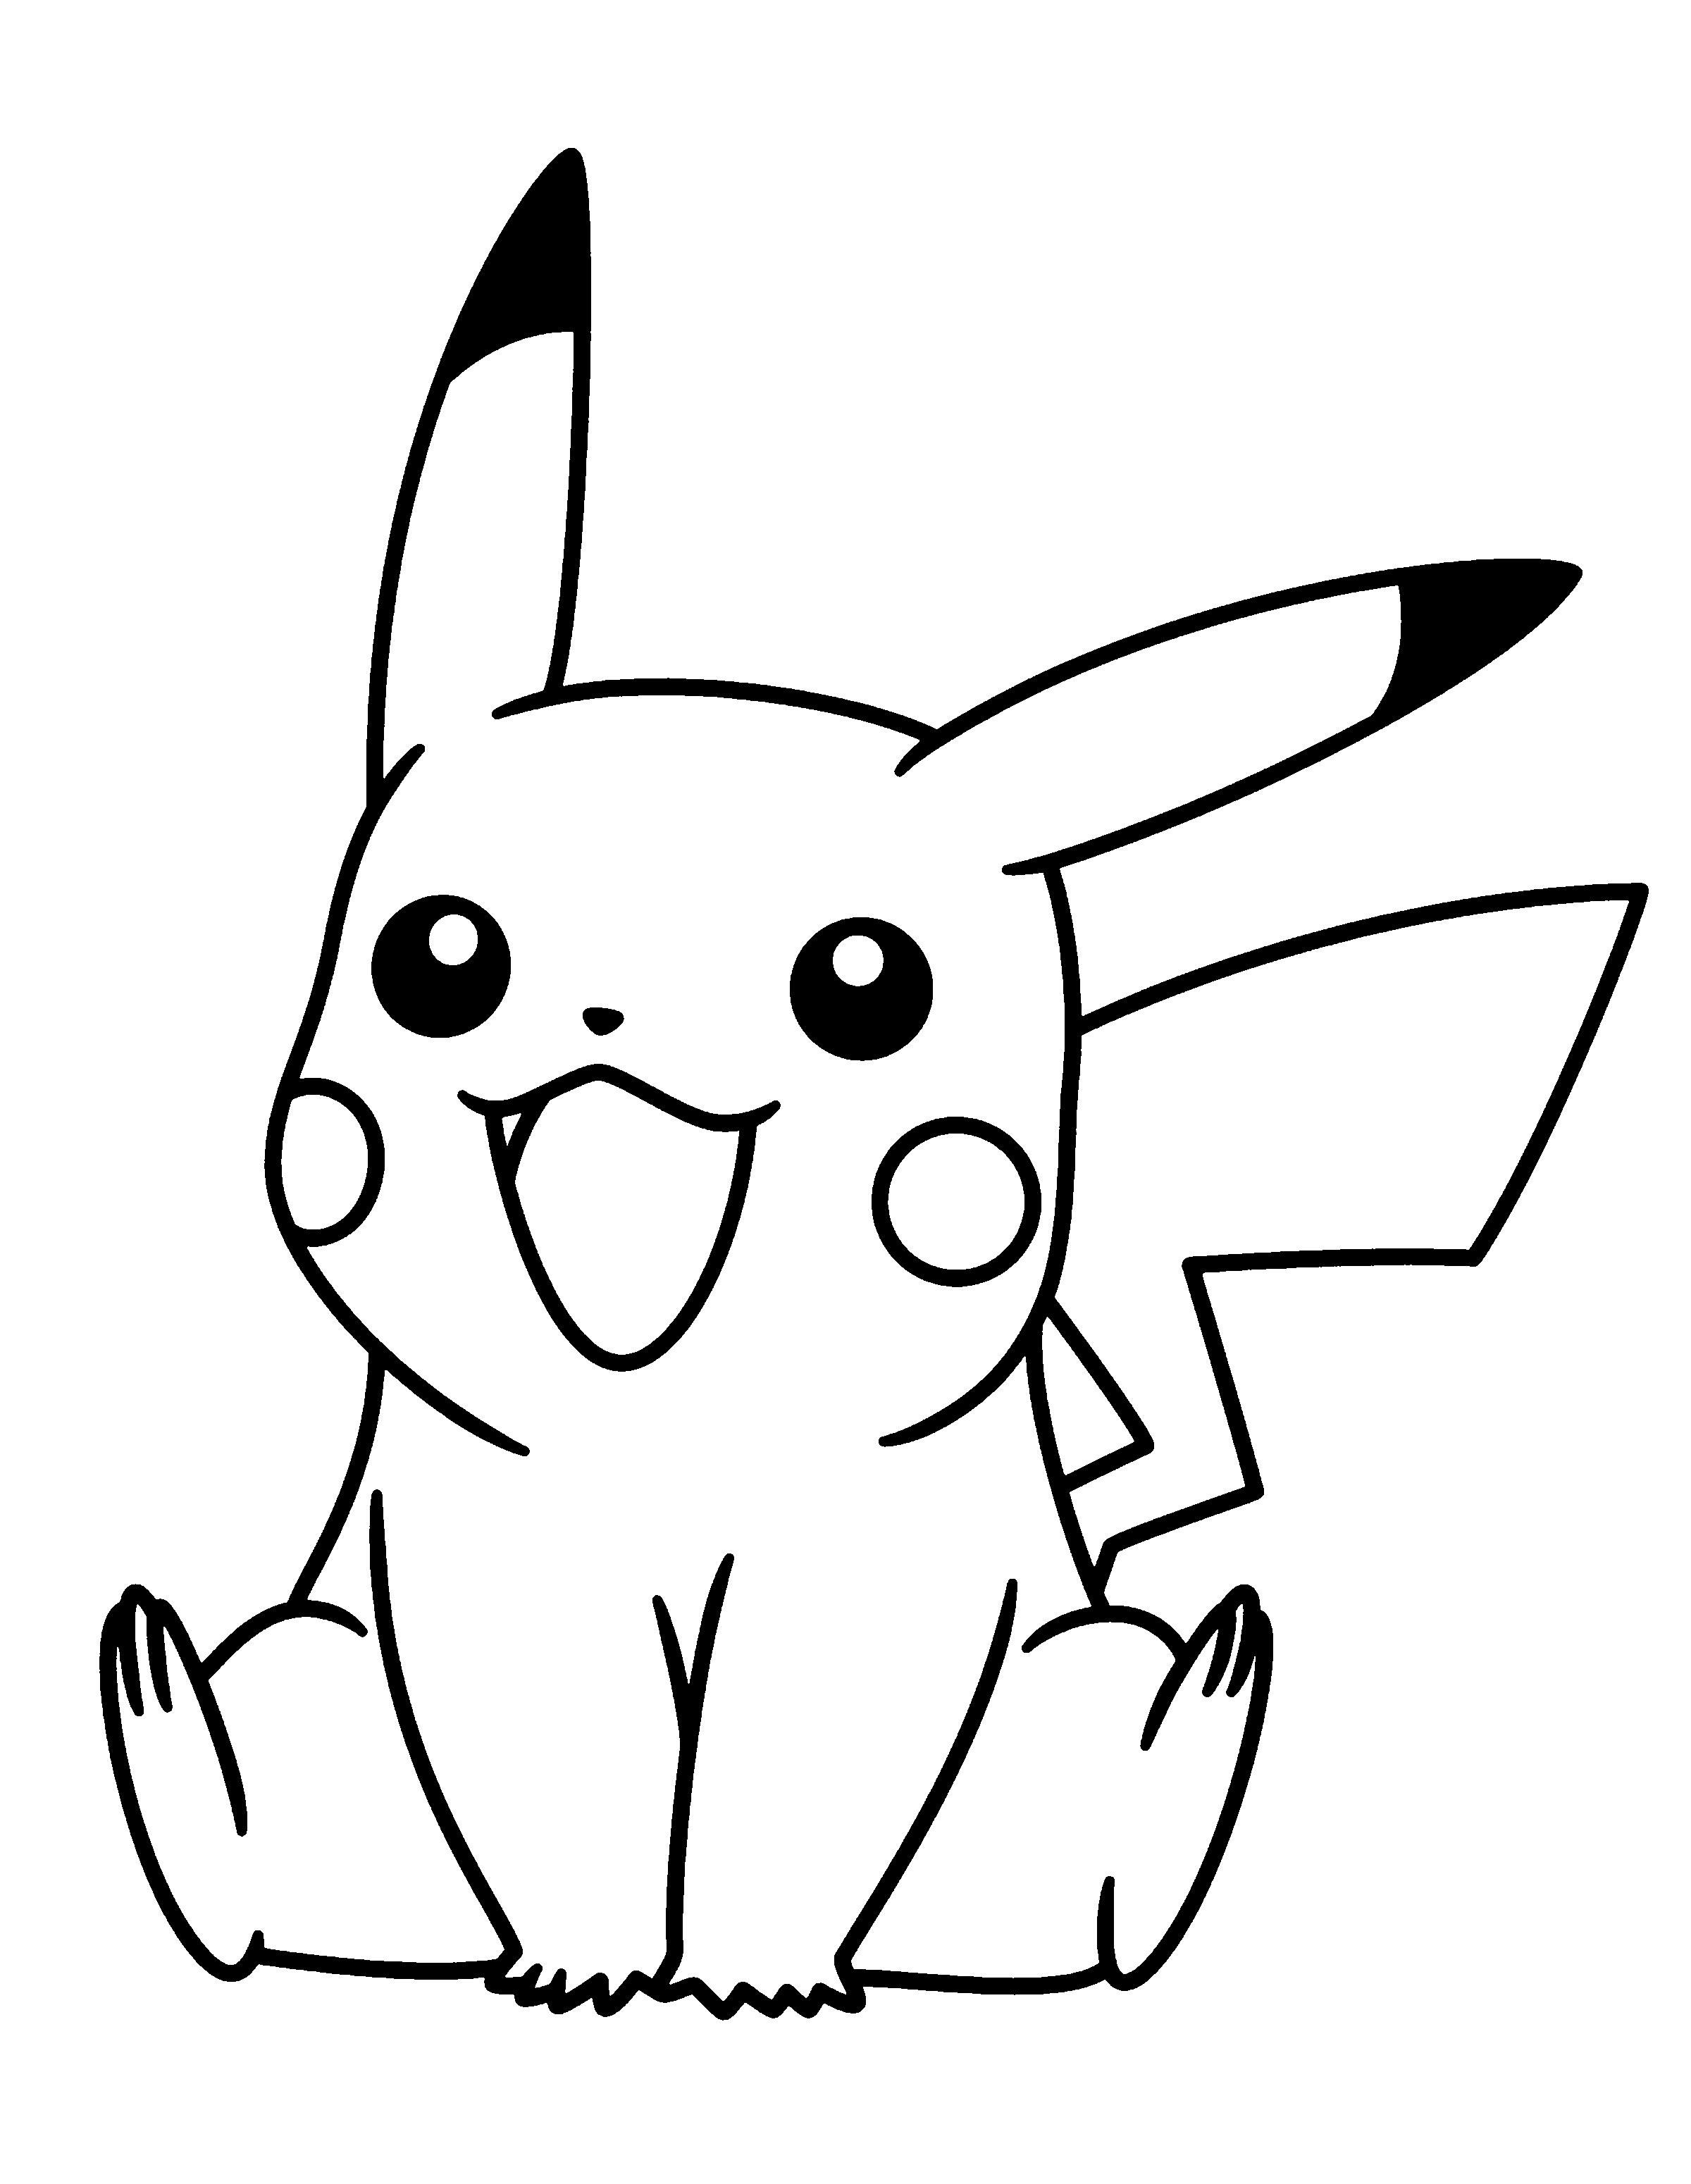 pokemon pictures of pokemon black and white pikachu pokemon black and white coloring pages print of white pictures pokemon black pokemon and